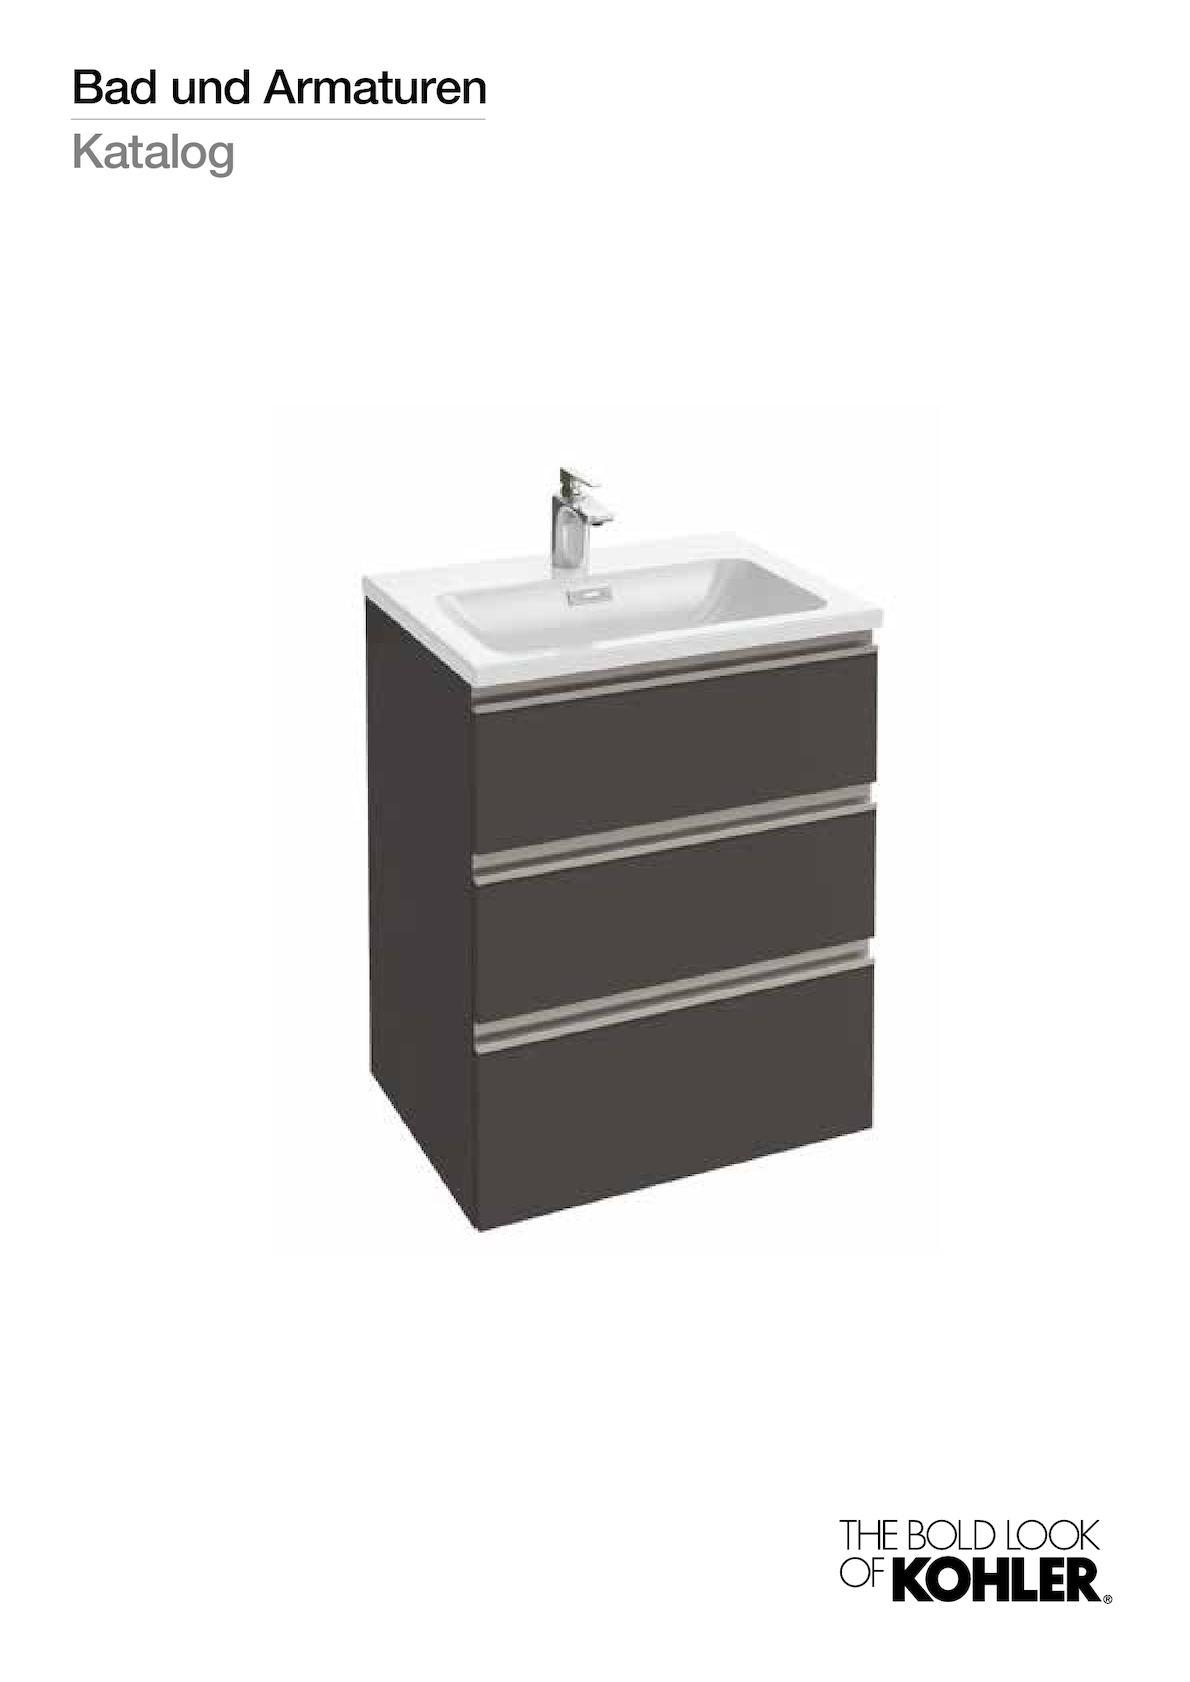 calam o kohler katalog 2016 deutsch. Black Bedroom Furniture Sets. Home Design Ideas